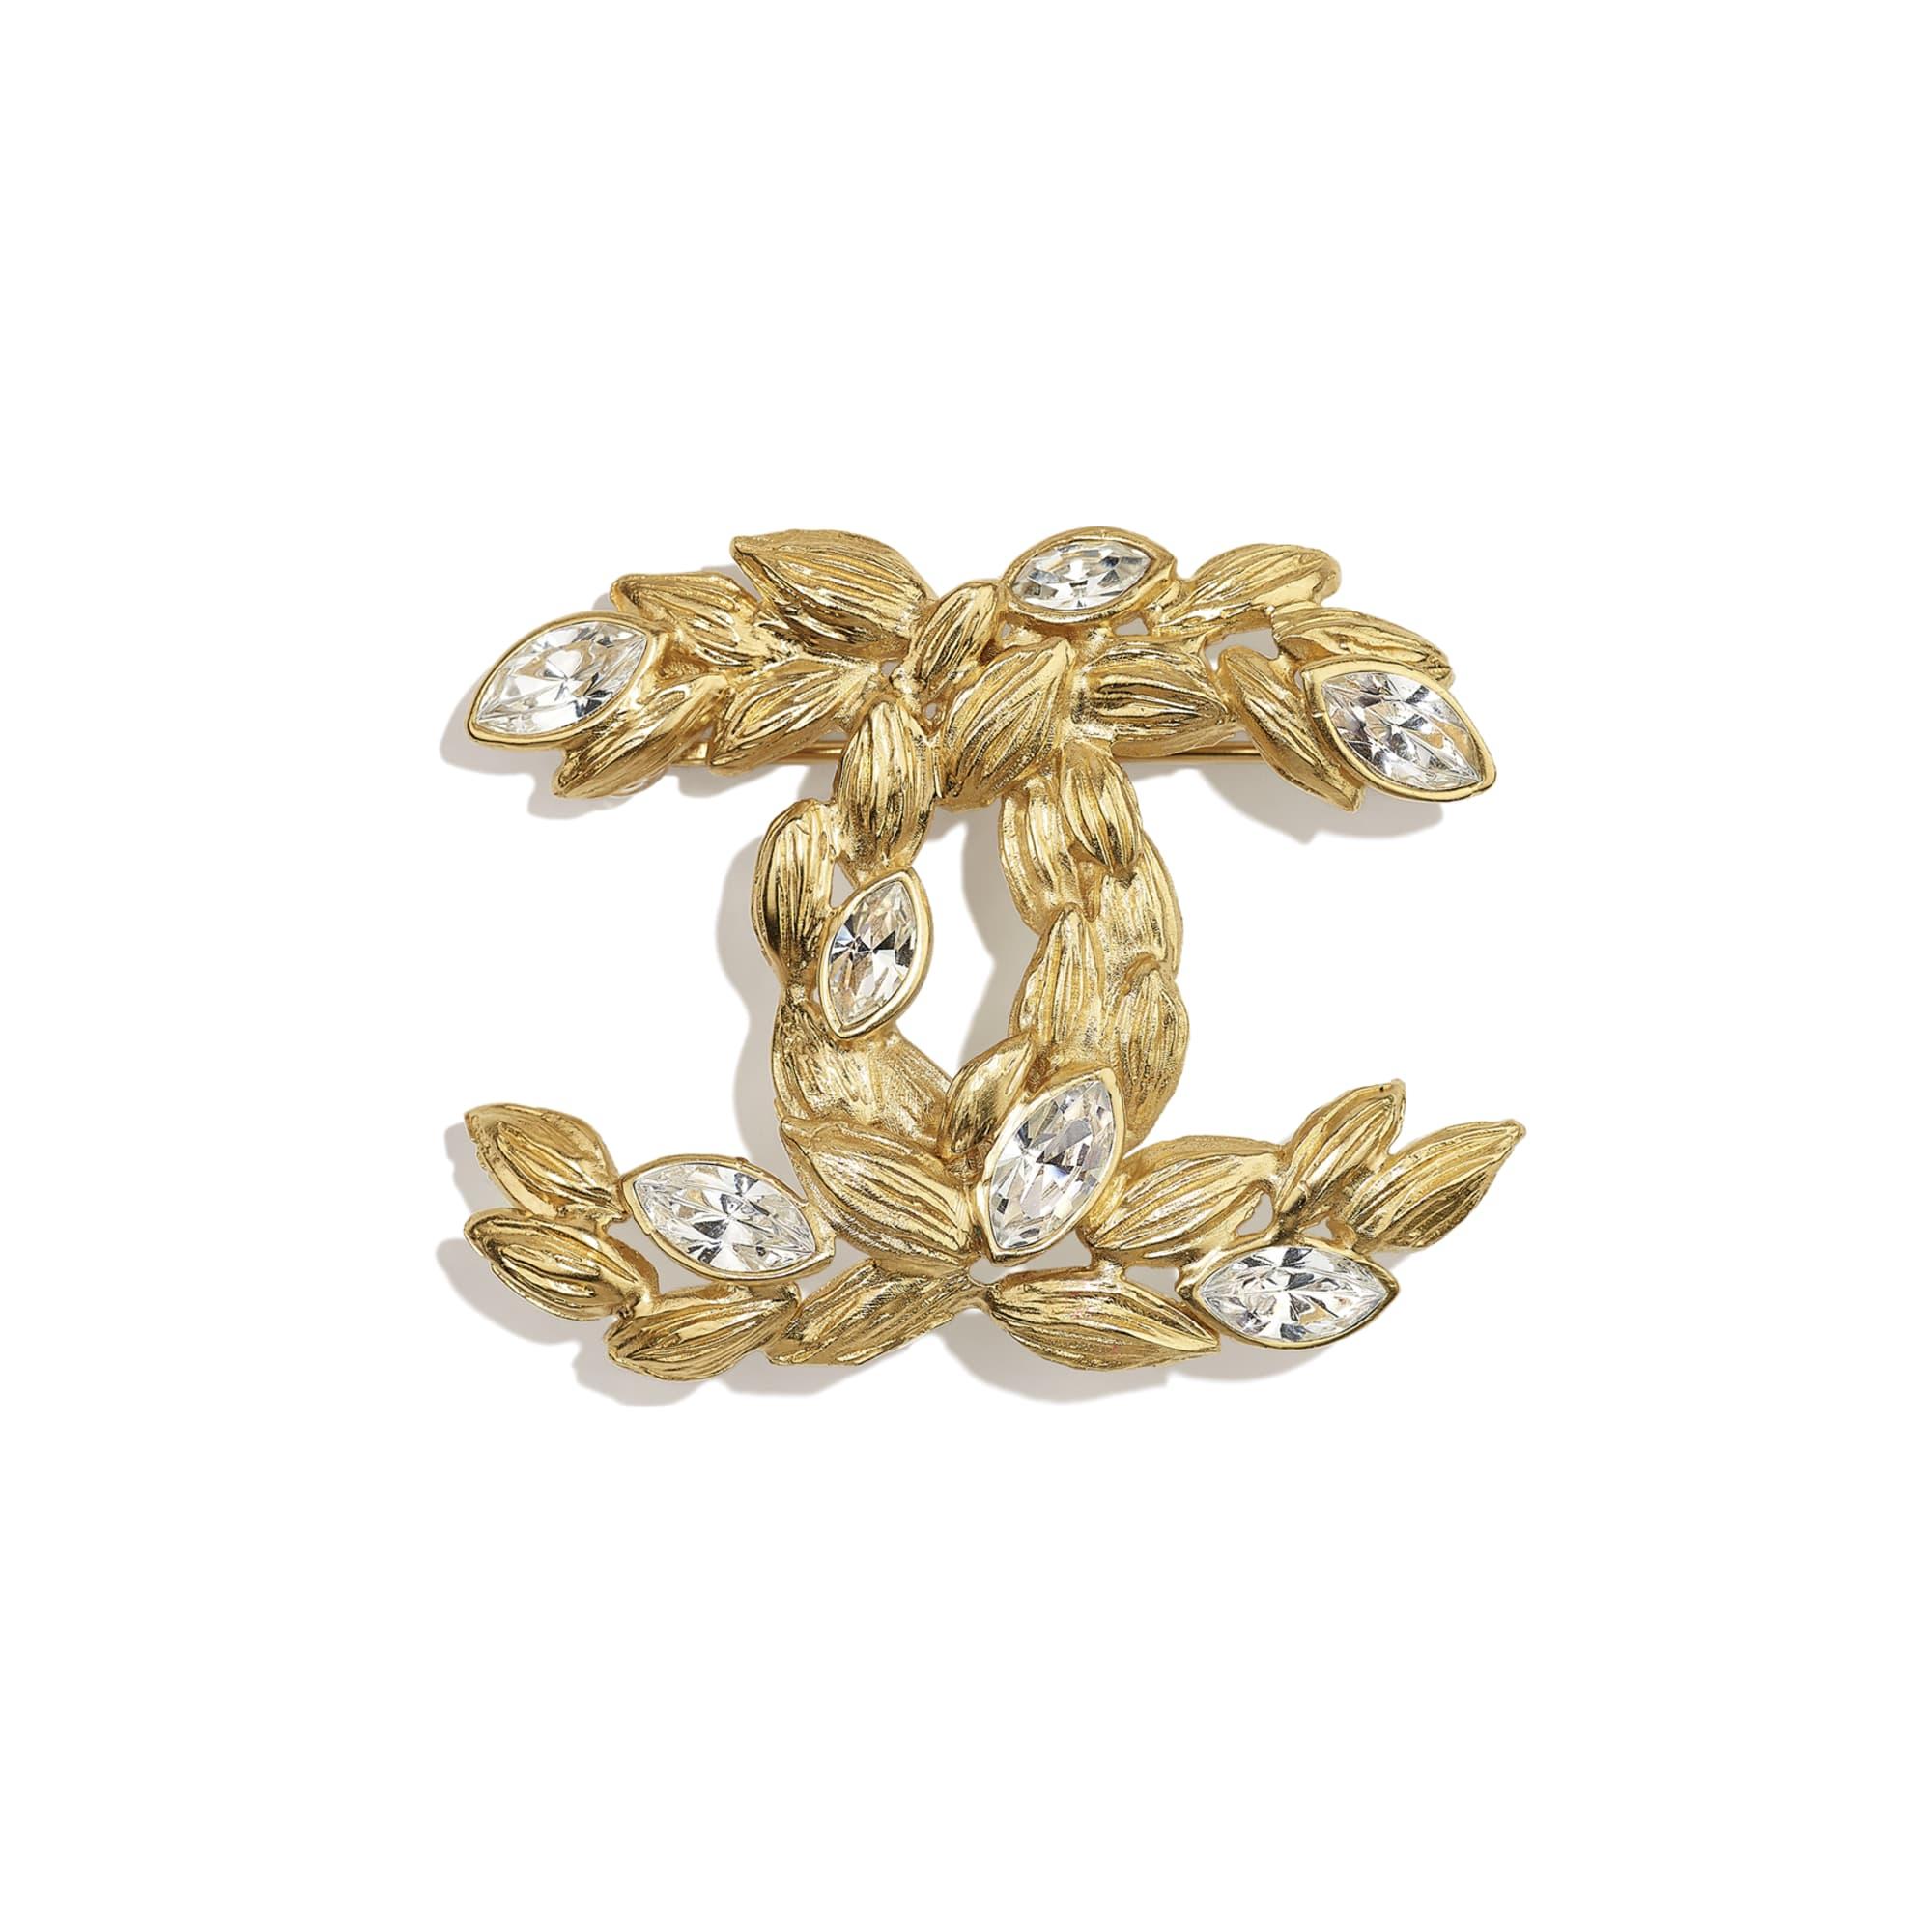 Broszka - Kolor złoty i krystaliczny - Metal i stras - CHANEL - Widok domyślny – zobacz w standardowym rozmiarze